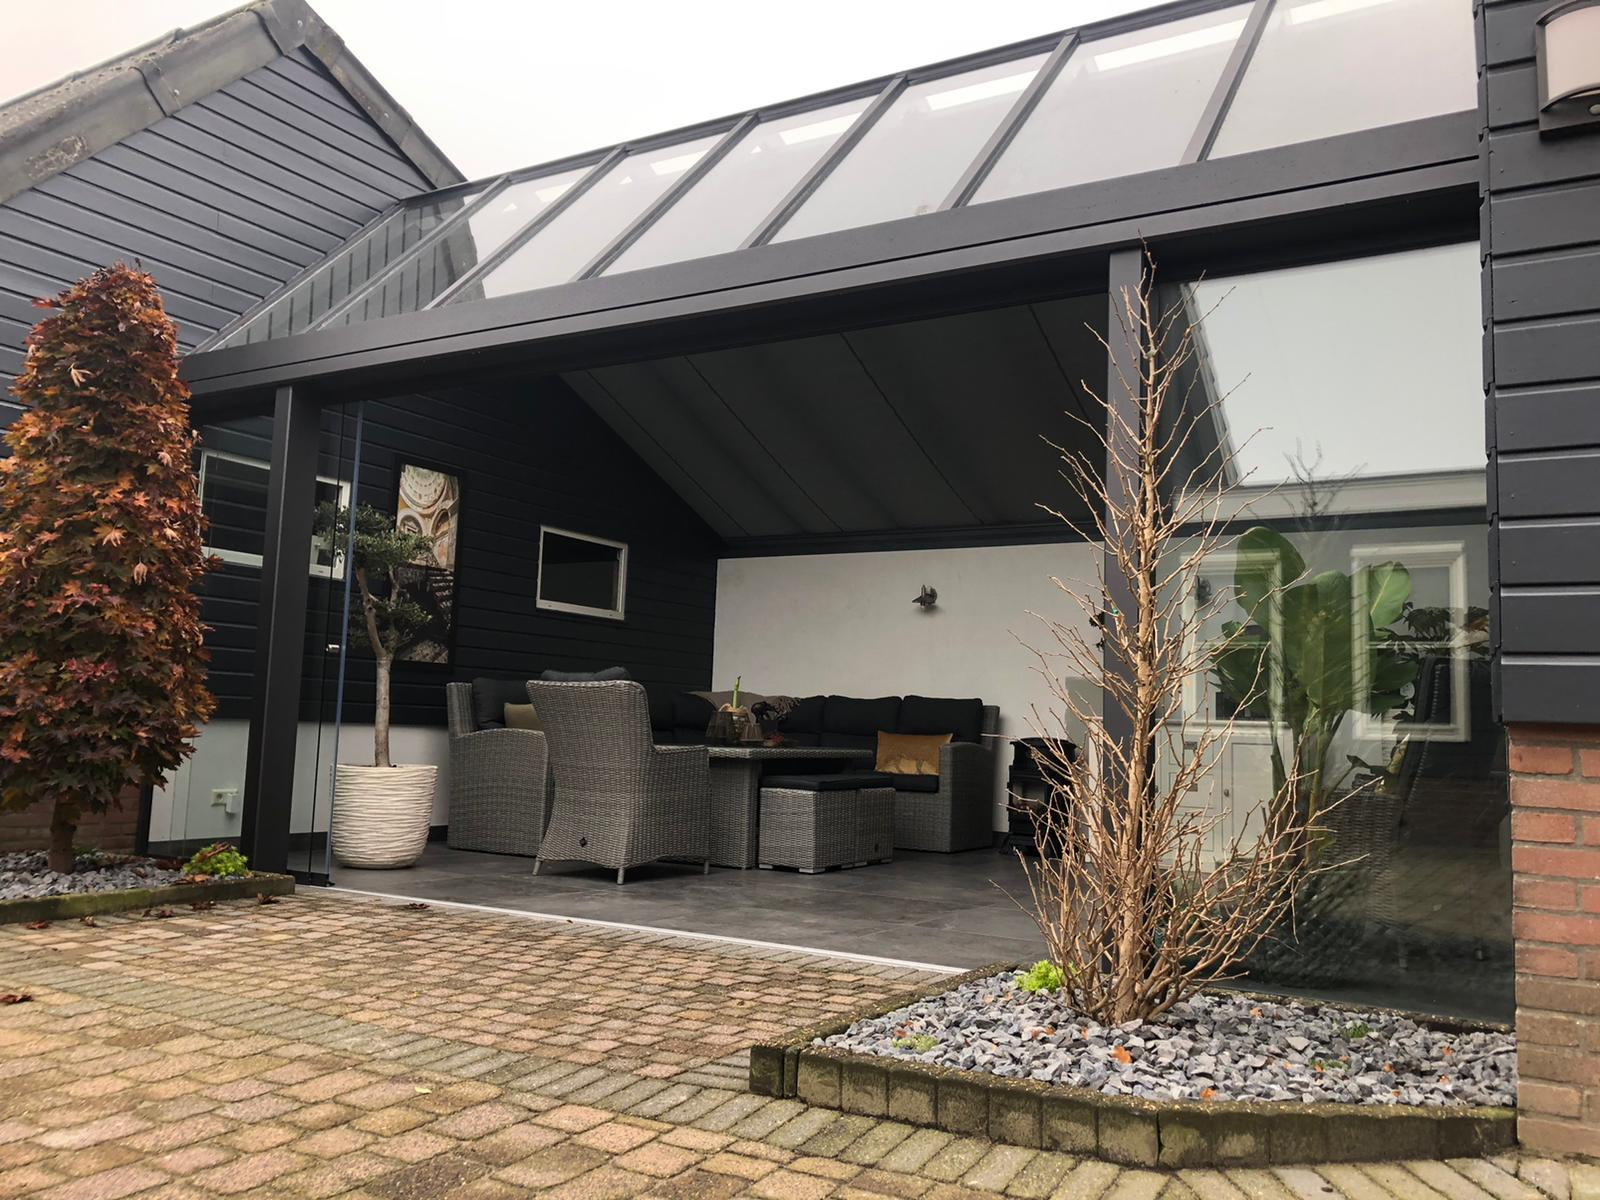 Grijze aluminium tuinkamer met zadeldak en schuifwand tussen twee muren.